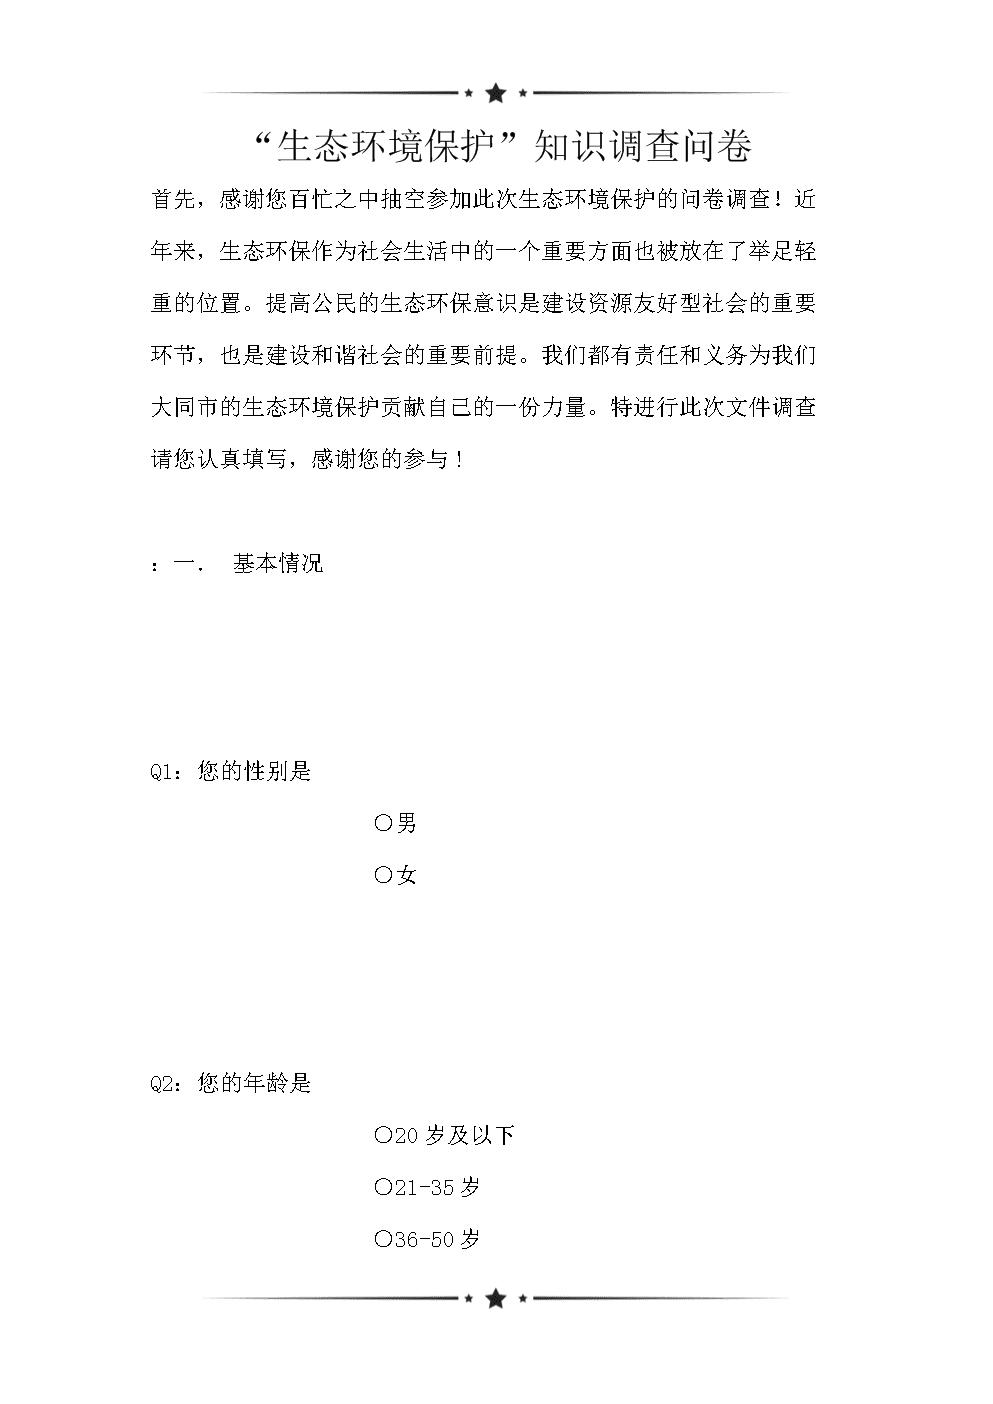 """""""生态环境保护""""知识调查问卷(可编辑).doc"""